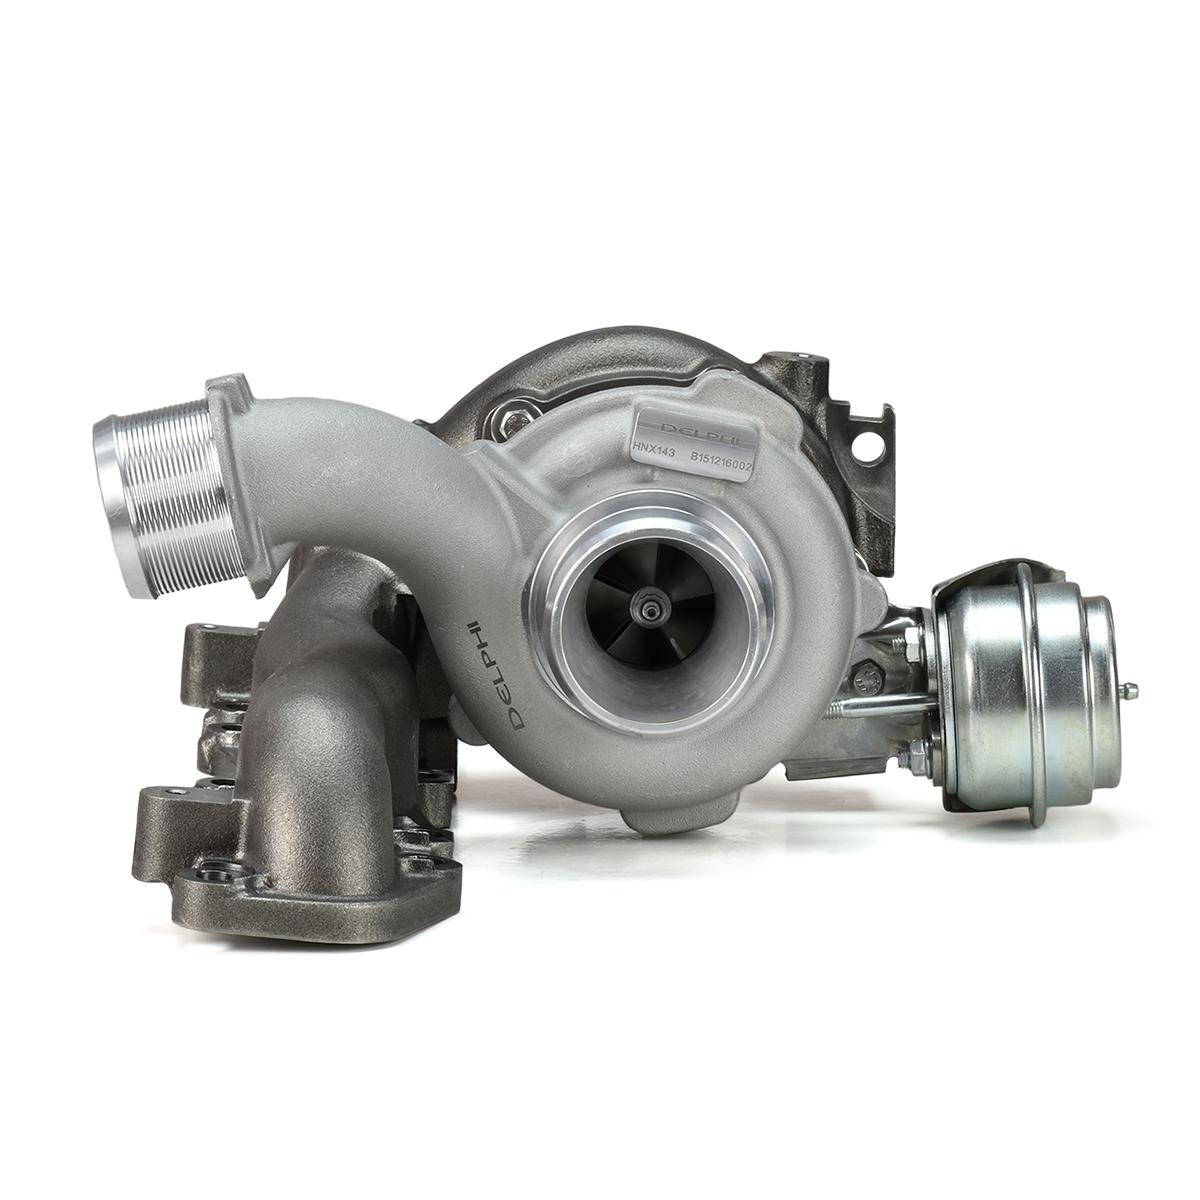 Saab 9 3 19tid New Delphi Diesel Turbocharger Hnx143 Vauxhall Tid Wiring